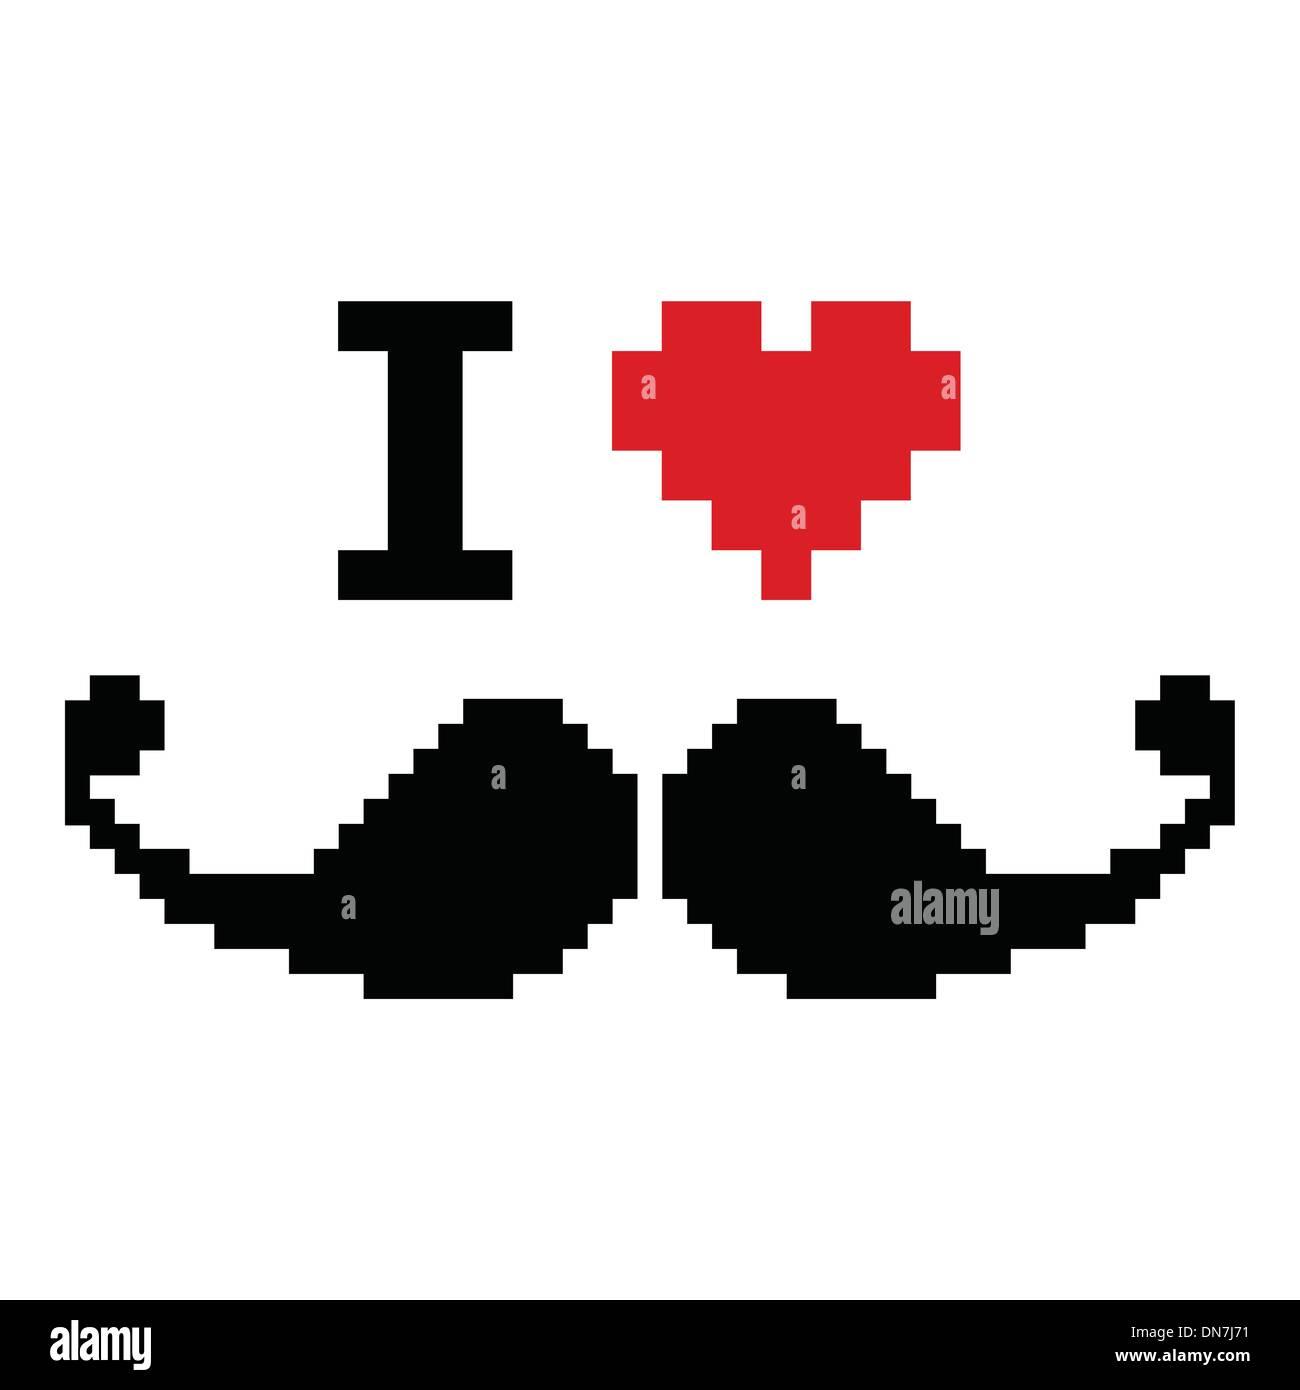 J'adore la moustache, signe de geek rétro pixélisé Photo Stock